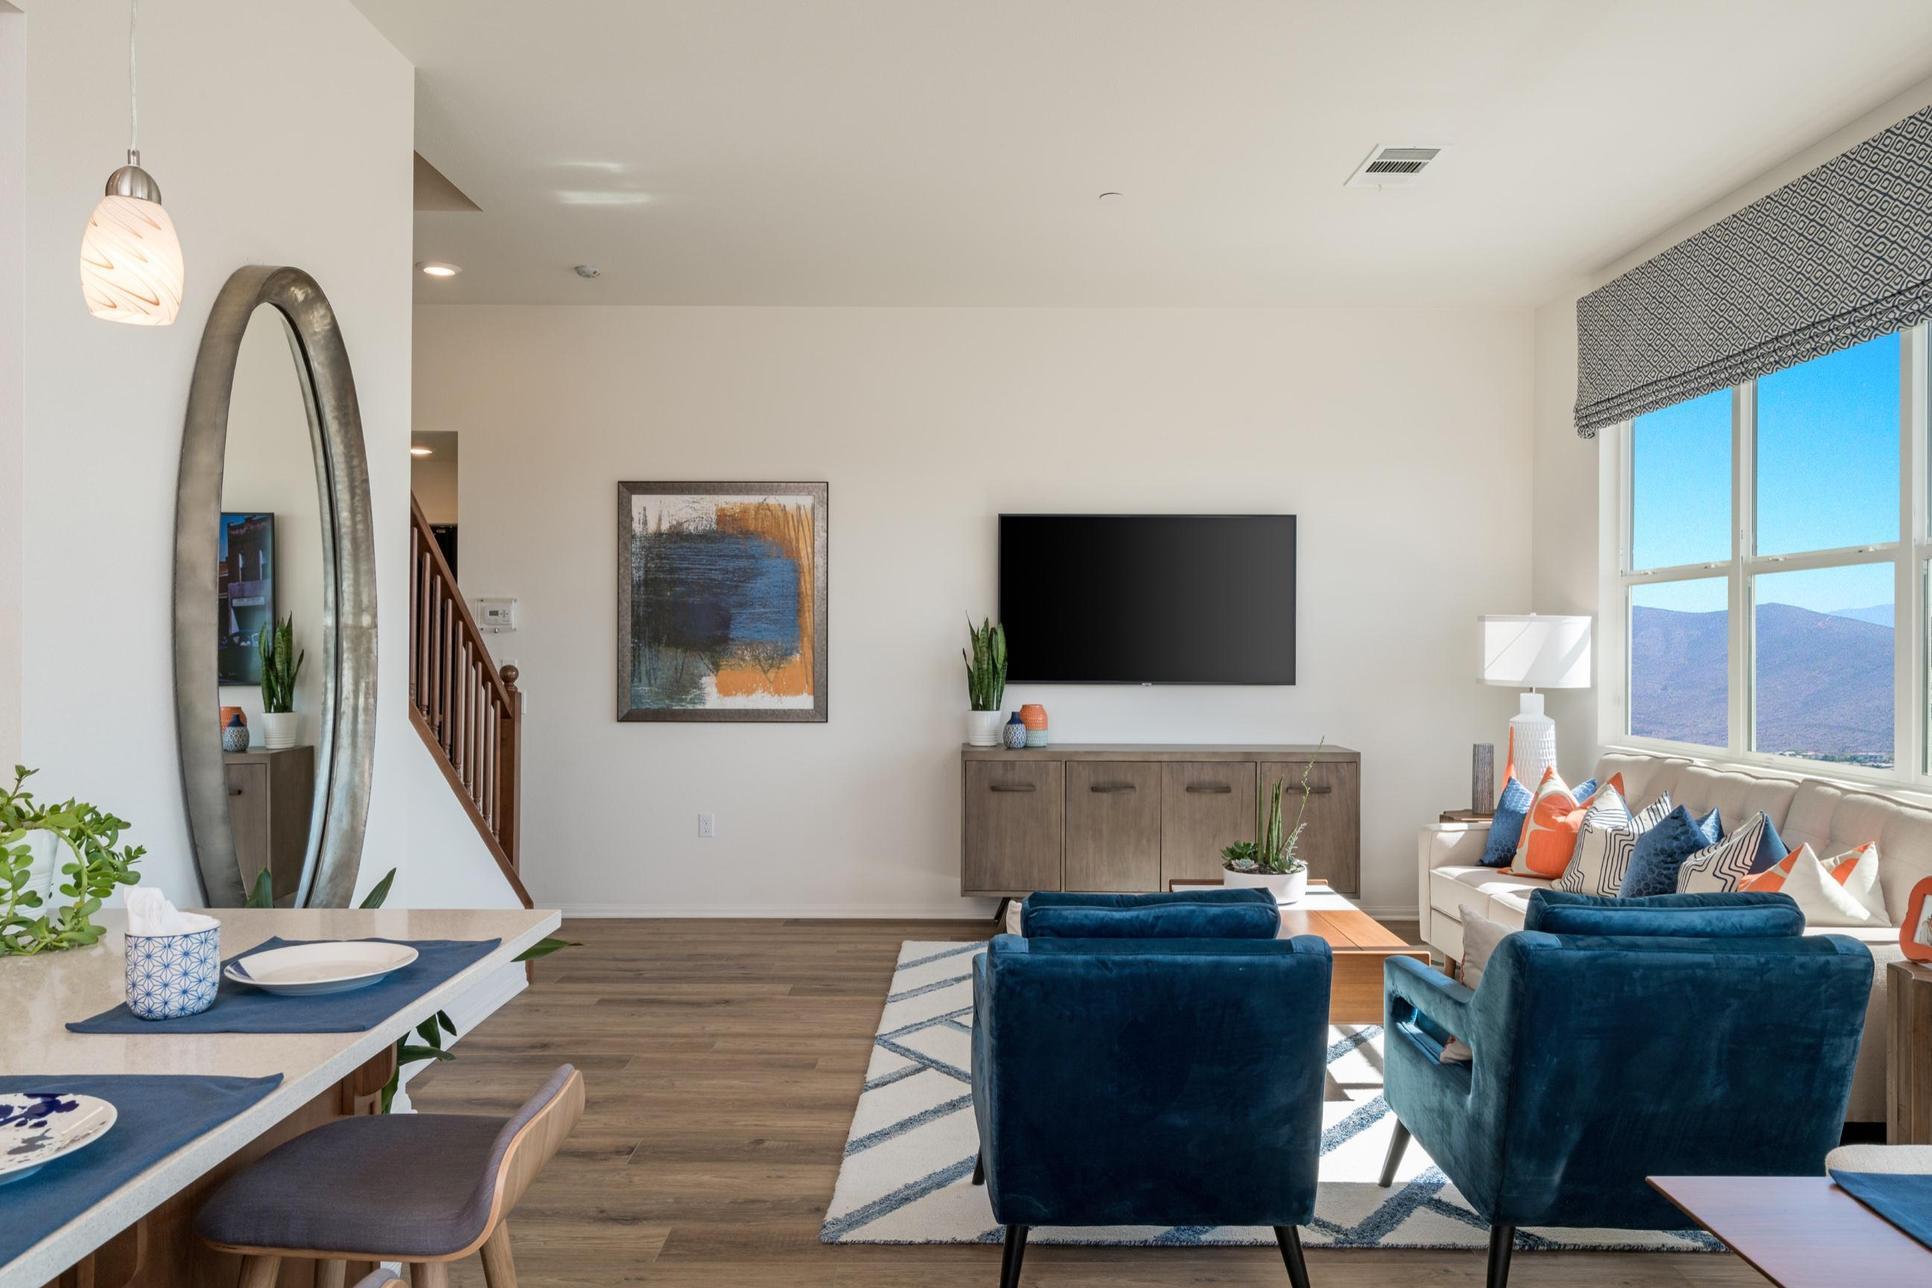 Suwerte Residence 3R:Living Room